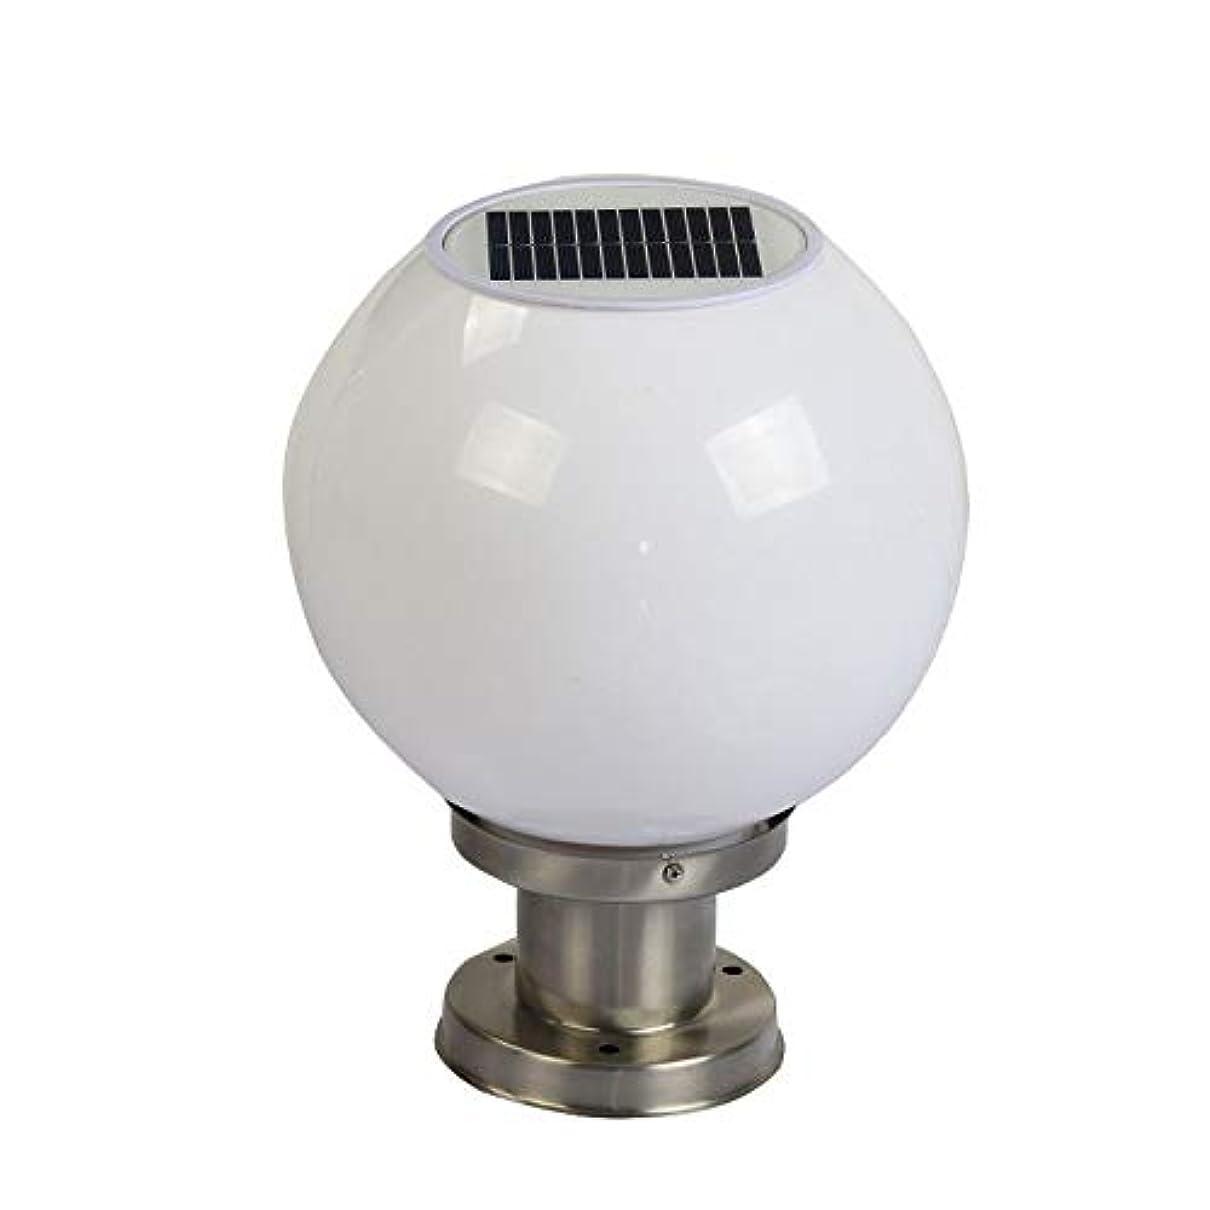 子豚欠かせない称賛IP55防水太陽エネルギーの柱ランタン ステンレス鋼のゲートの列をライトE27アクリルランプシェード明るい照明フィクスガーデンヴィラフェンスポストランプ (サイズ : L)